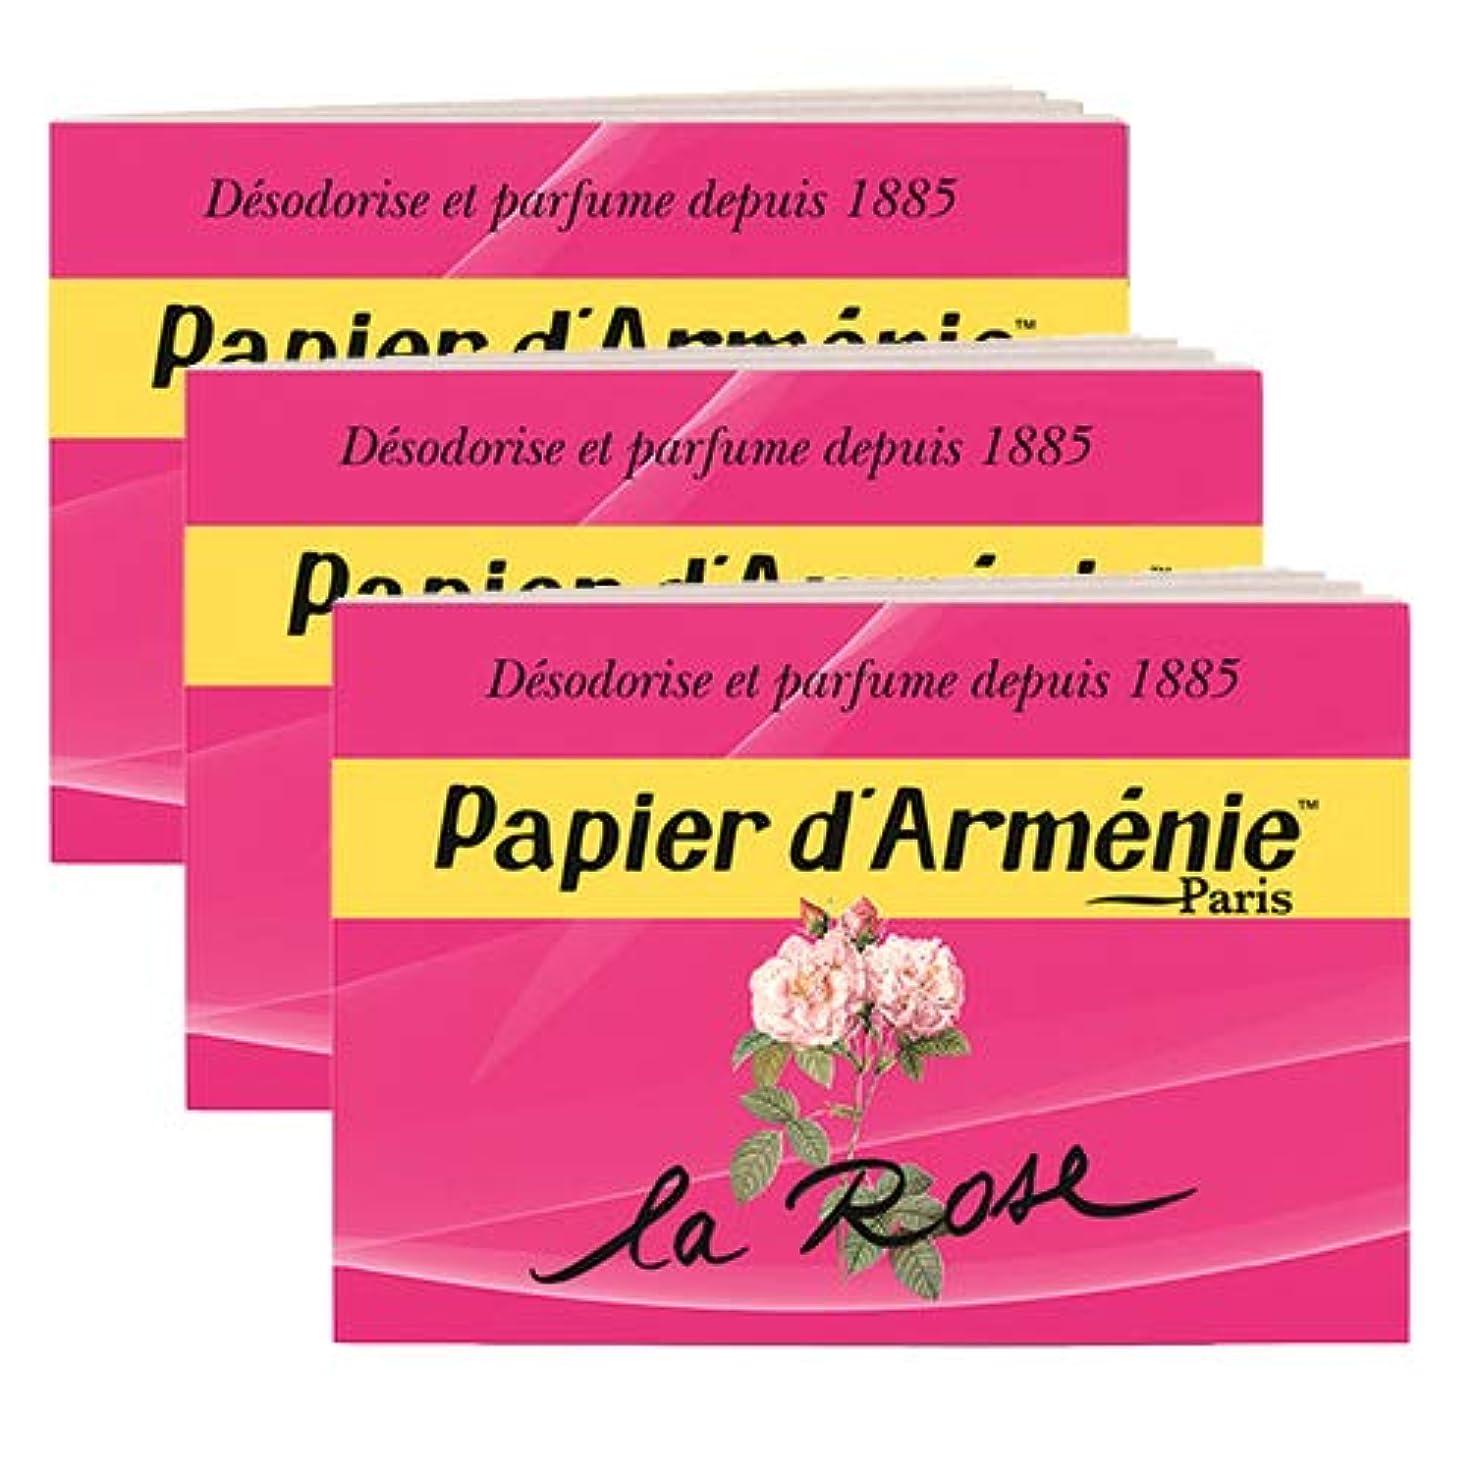 透けて見える分岐するメタン【パピエダルメニイ】トリプル 3×12枚(36回分) 3個セット ローズ 紙のお香 インセンス アロマペーパー PAPIER D'ARMENIE [並行輸入品]